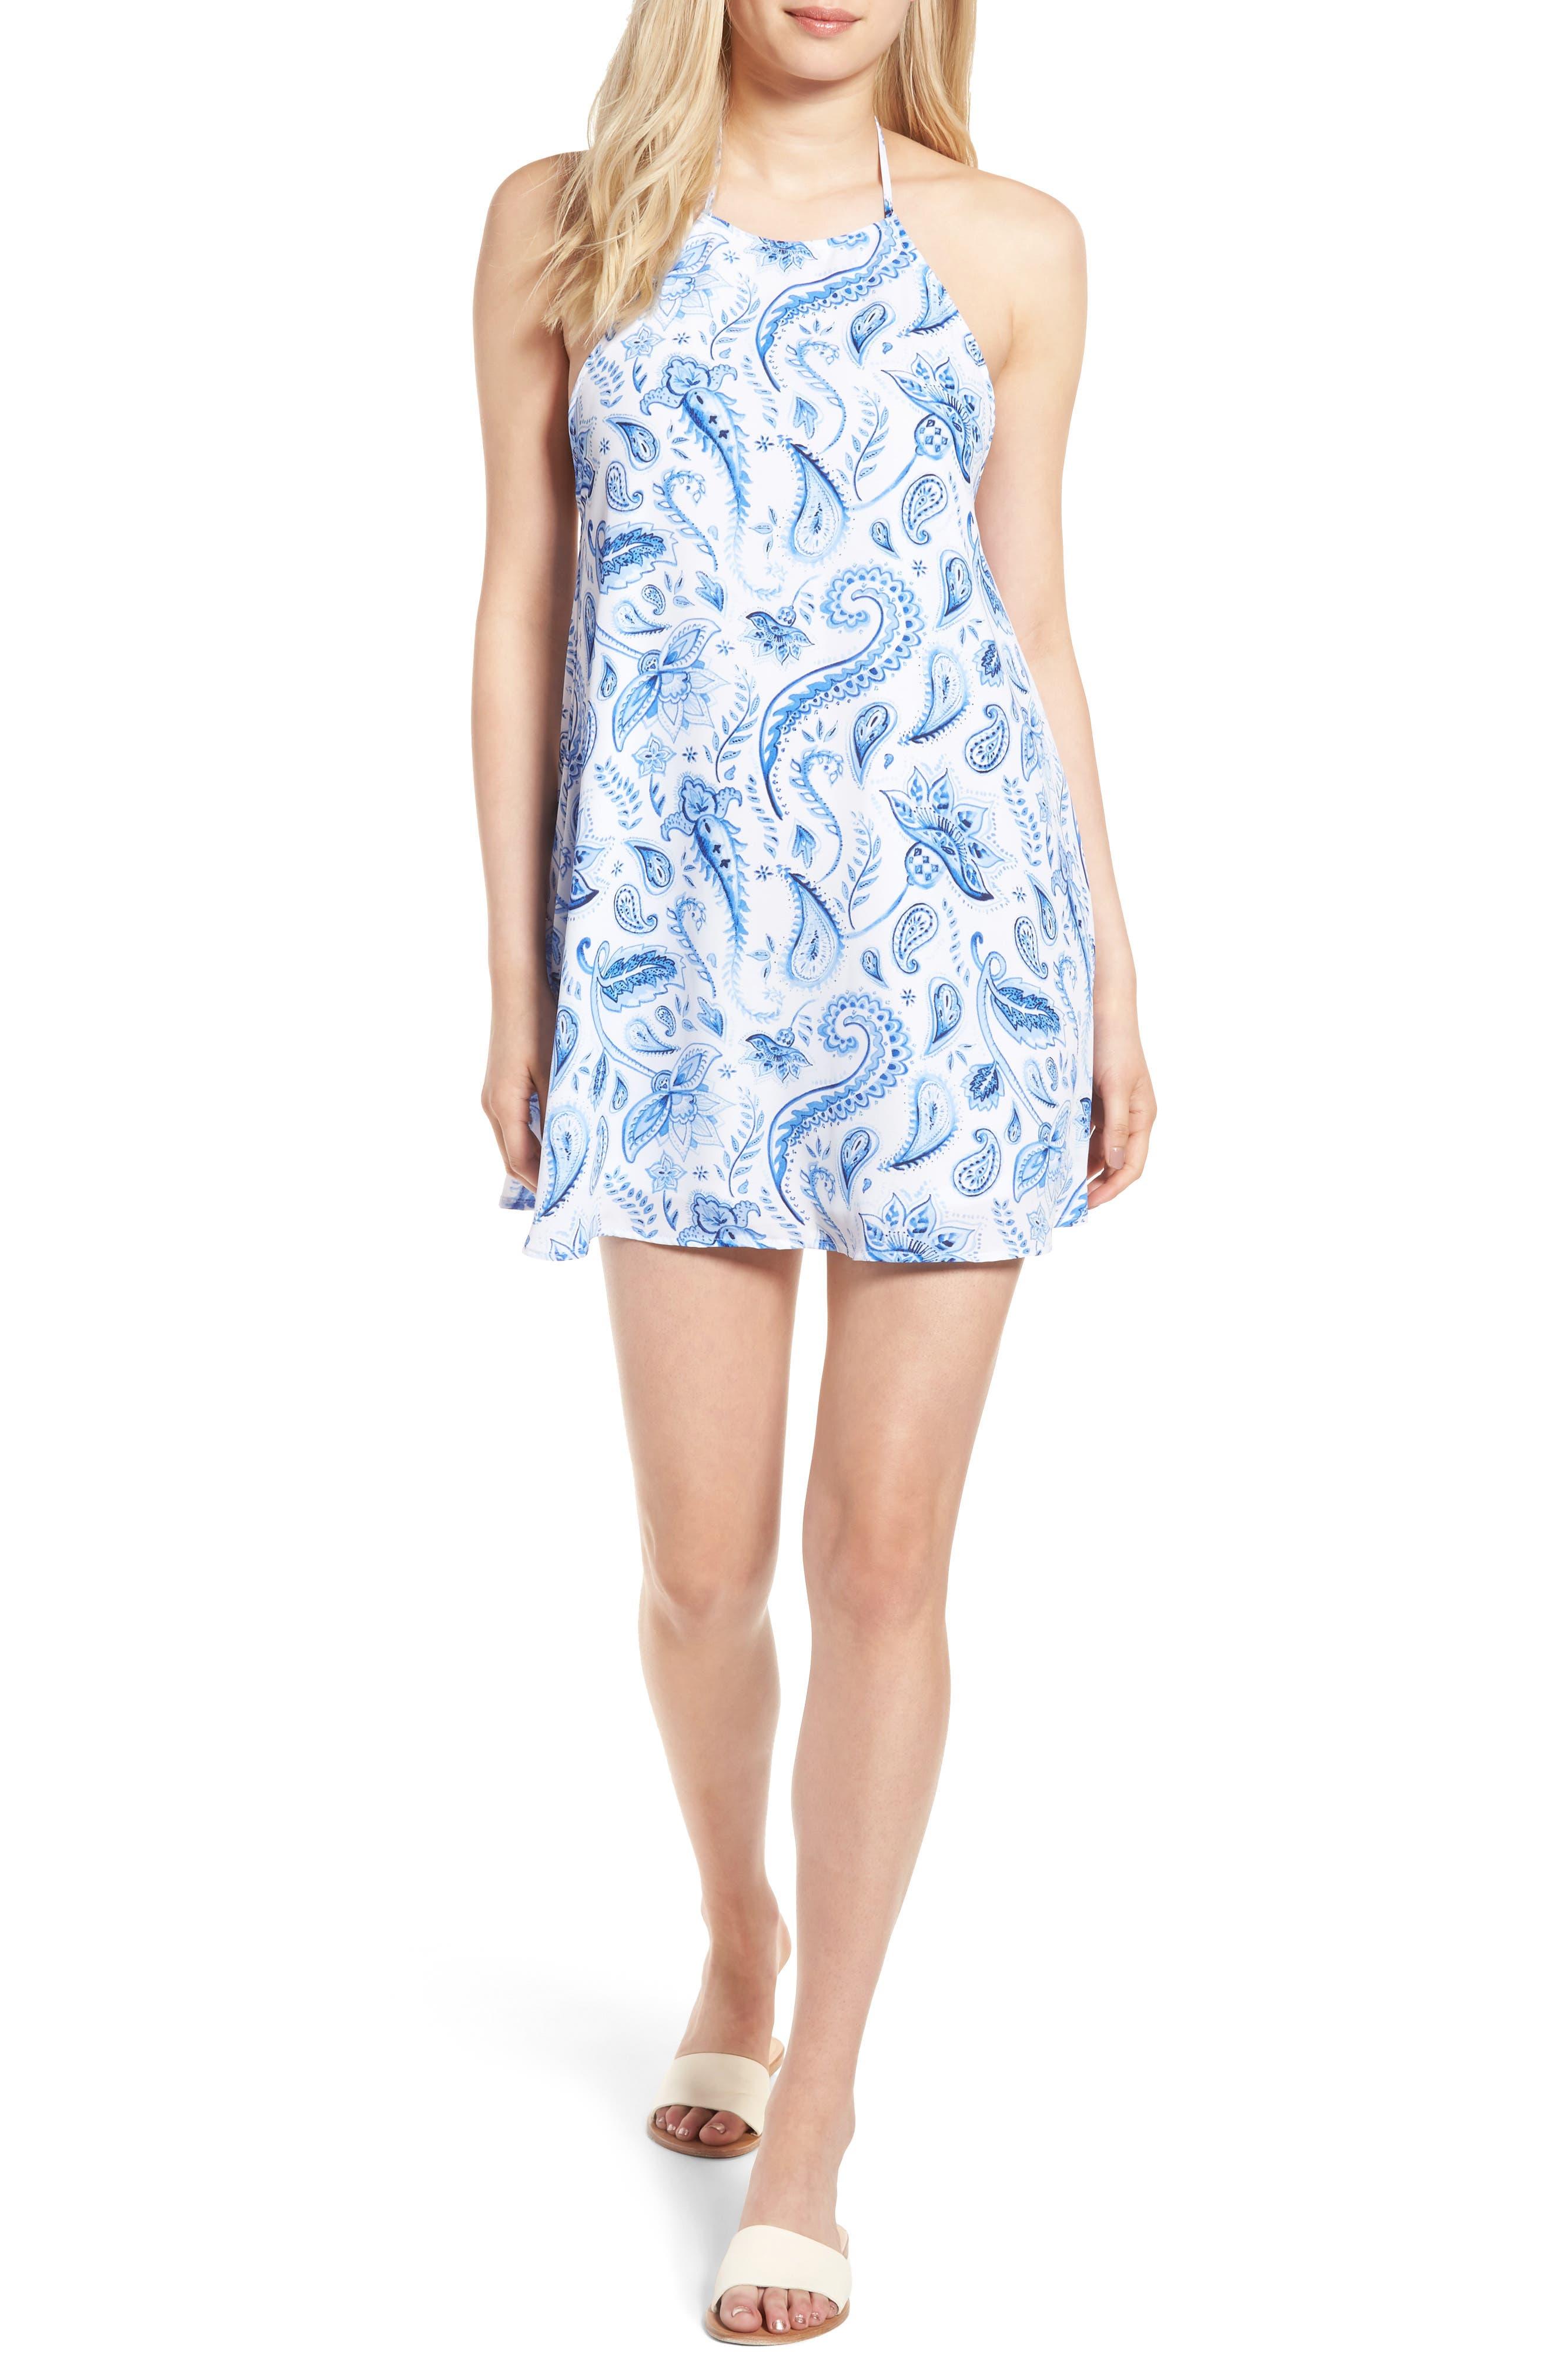 Main Image - Show Me Your Mumu Katy Halter Dress